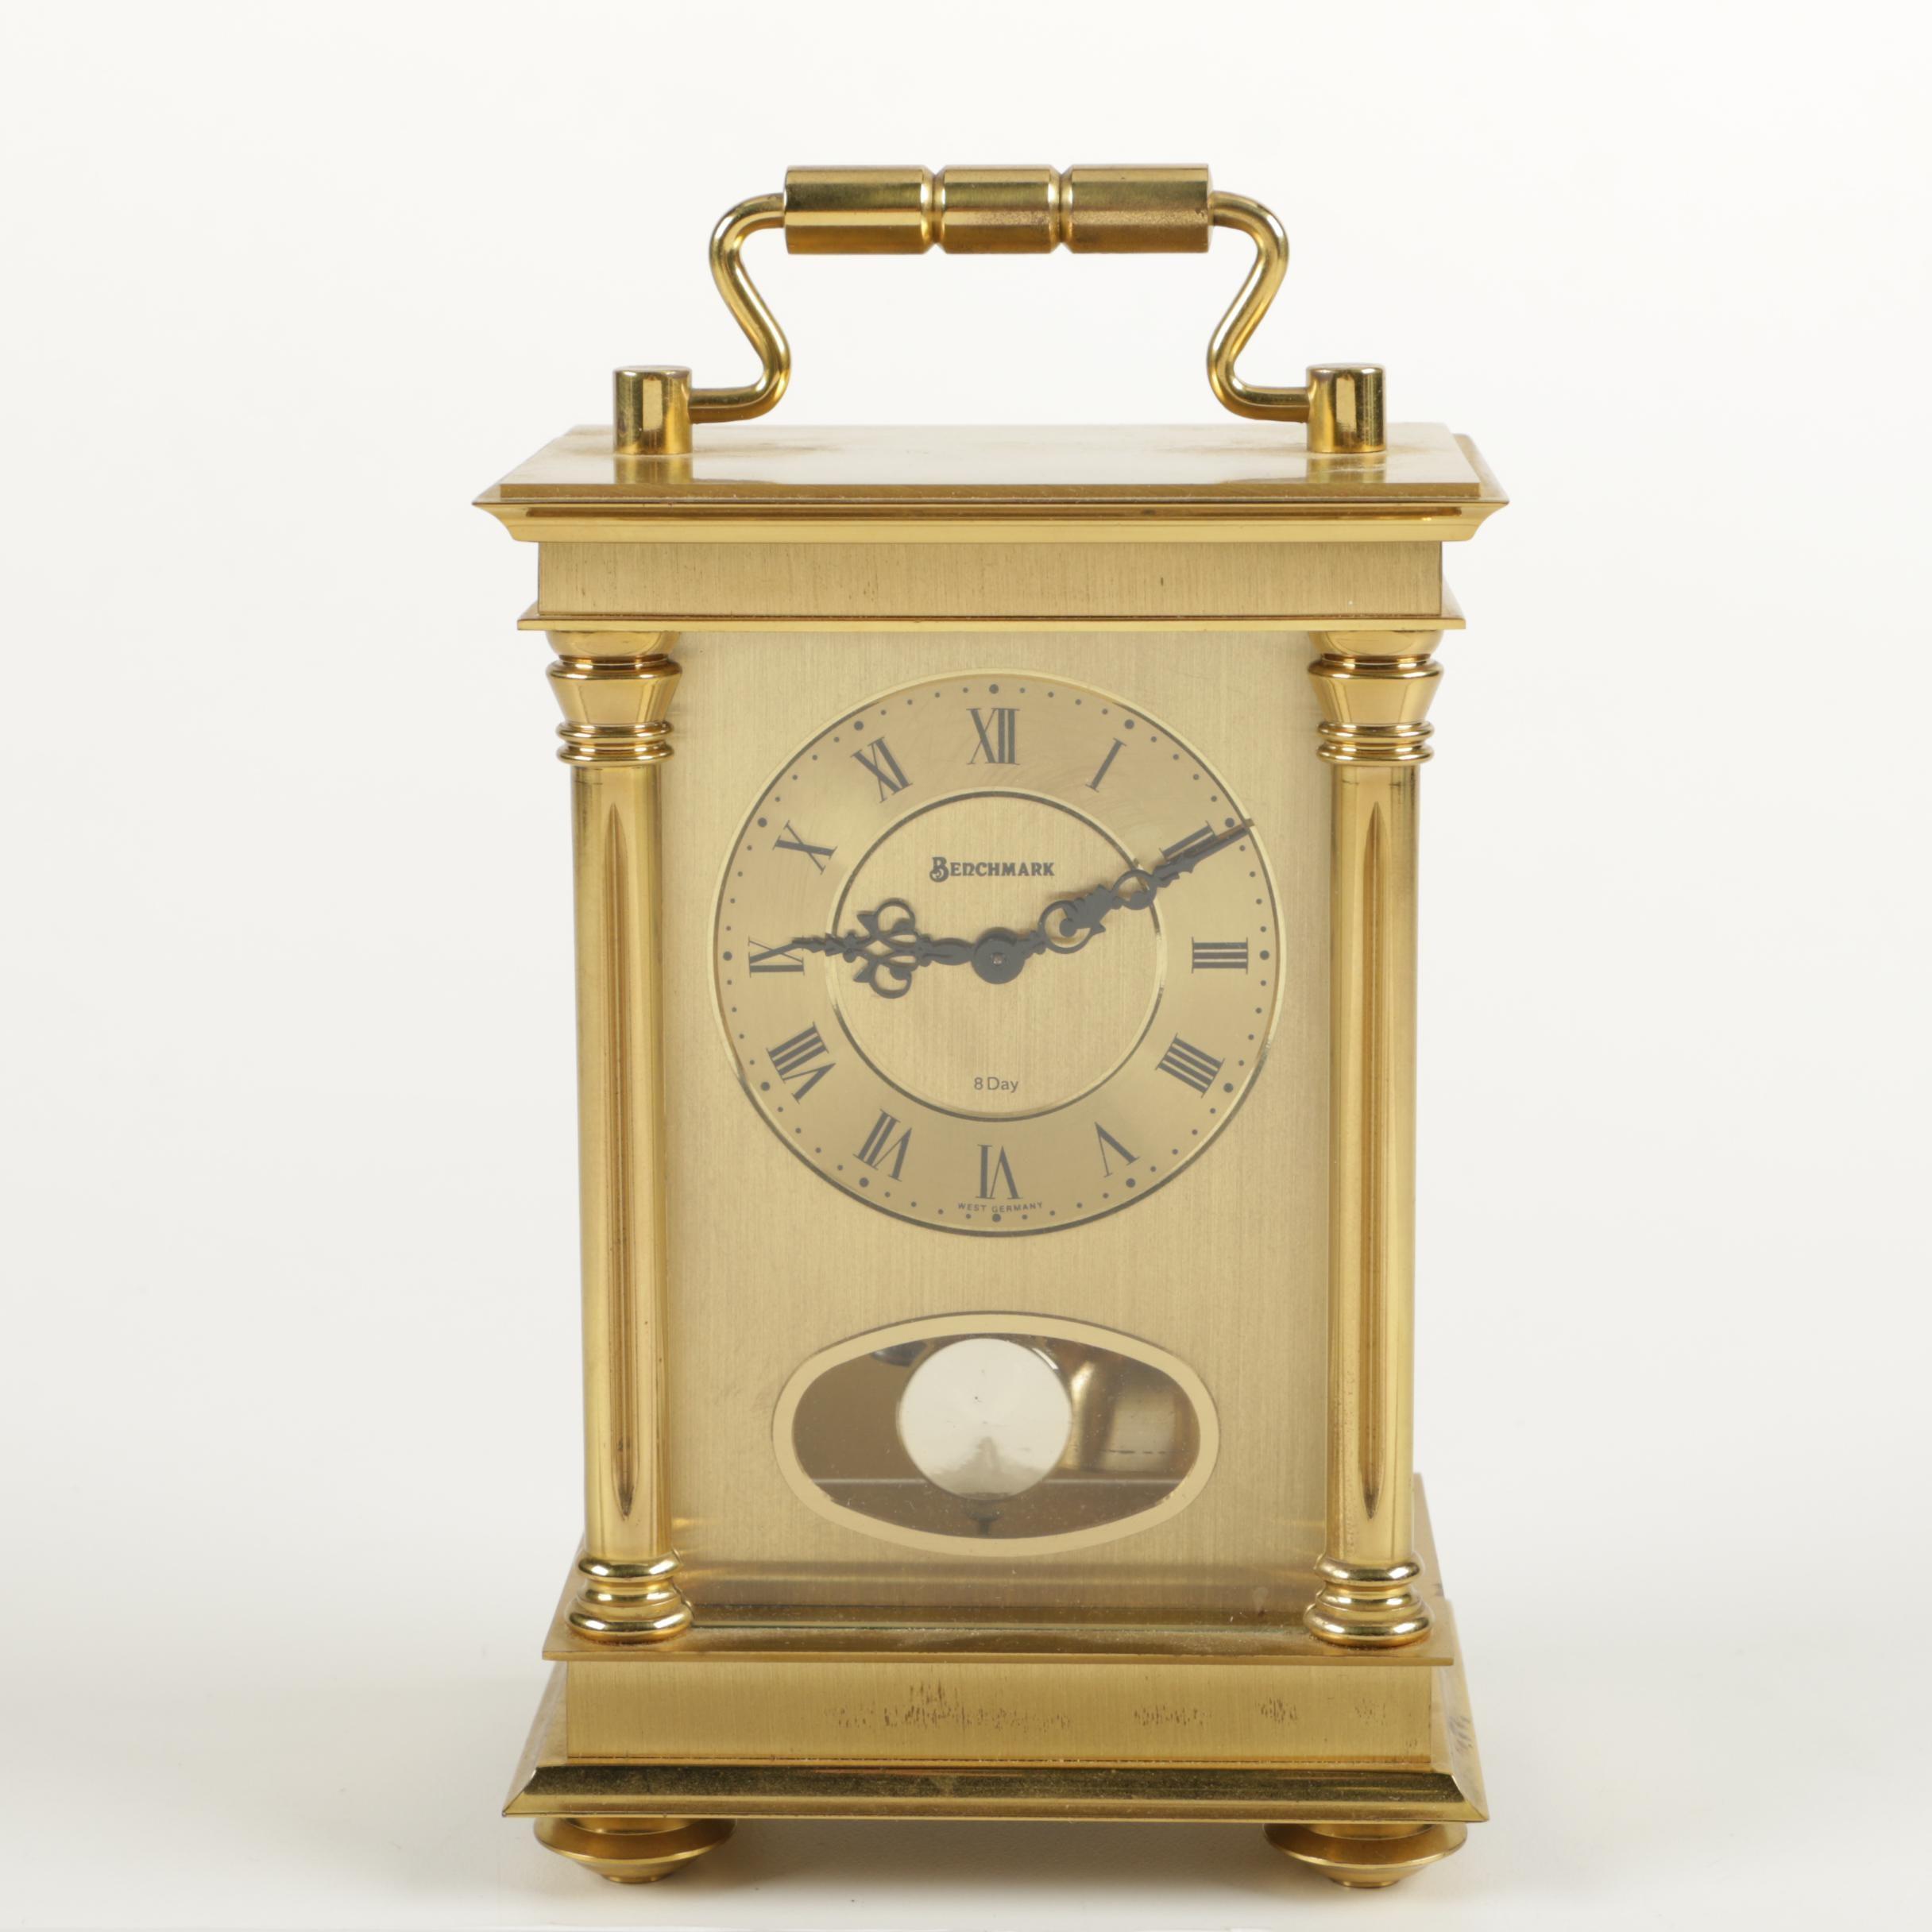 W. & A. Schmid-Schlenker Jr. Brass Carriage Clock